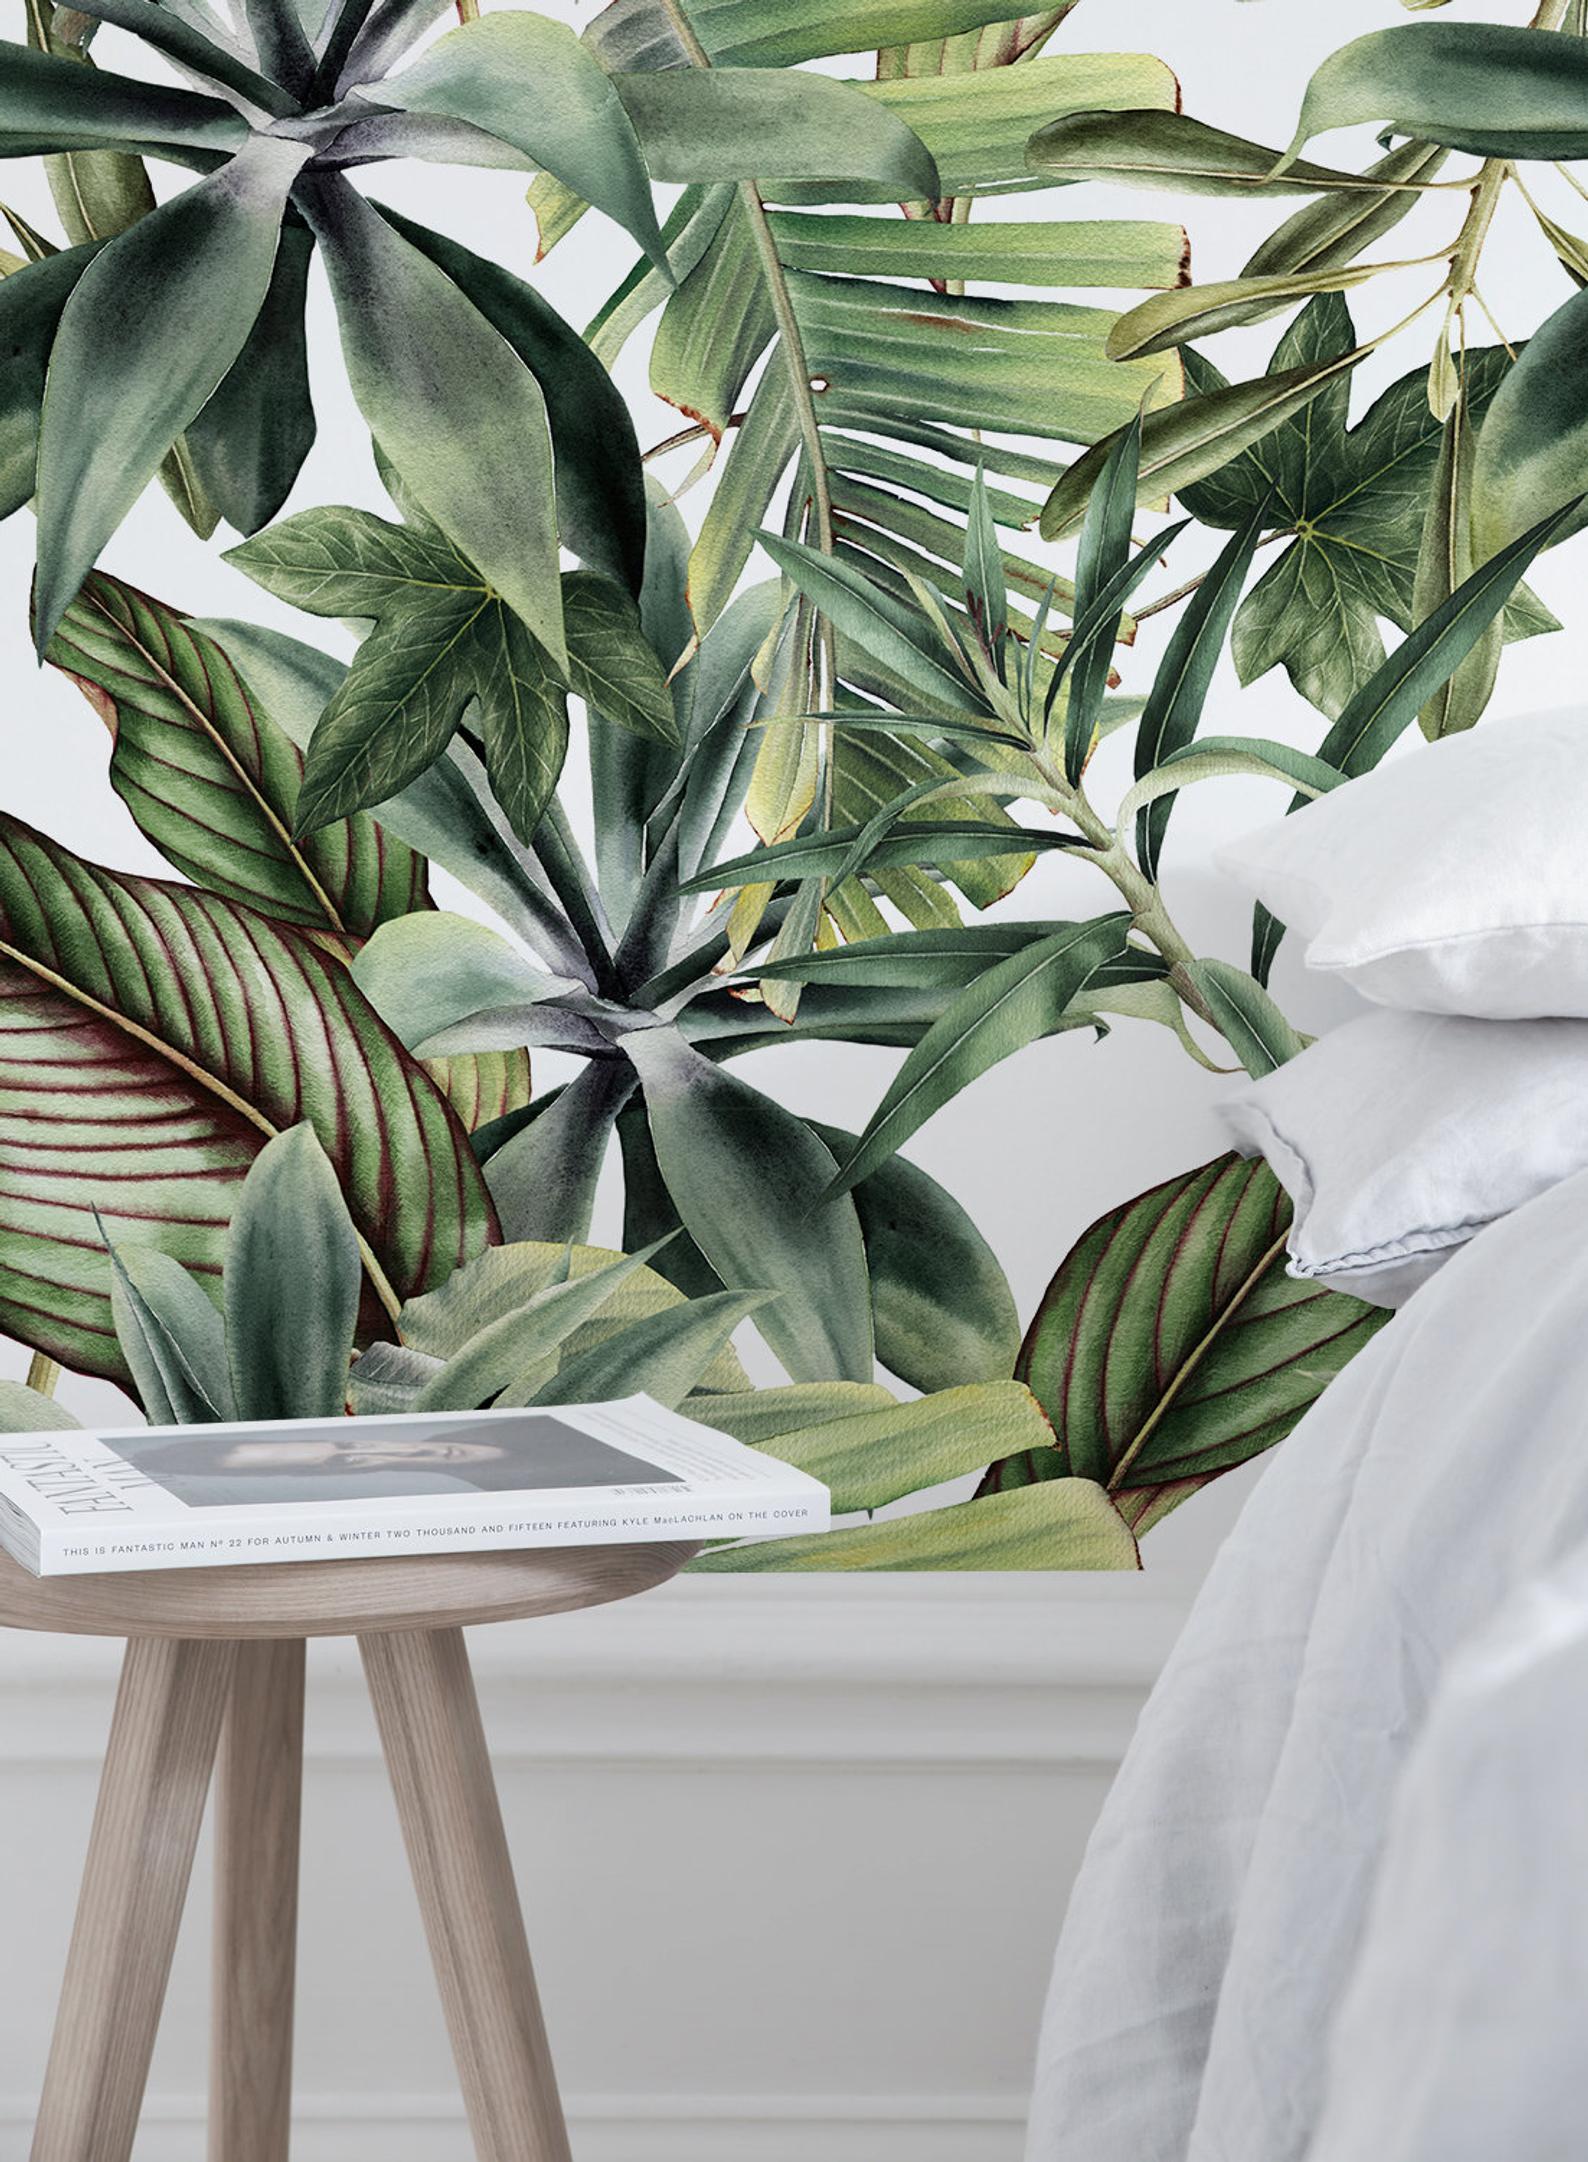 Papel pintado extraíble Peel y stick Papel de pared pared Mural - Fondo de pantalla tropical - A450